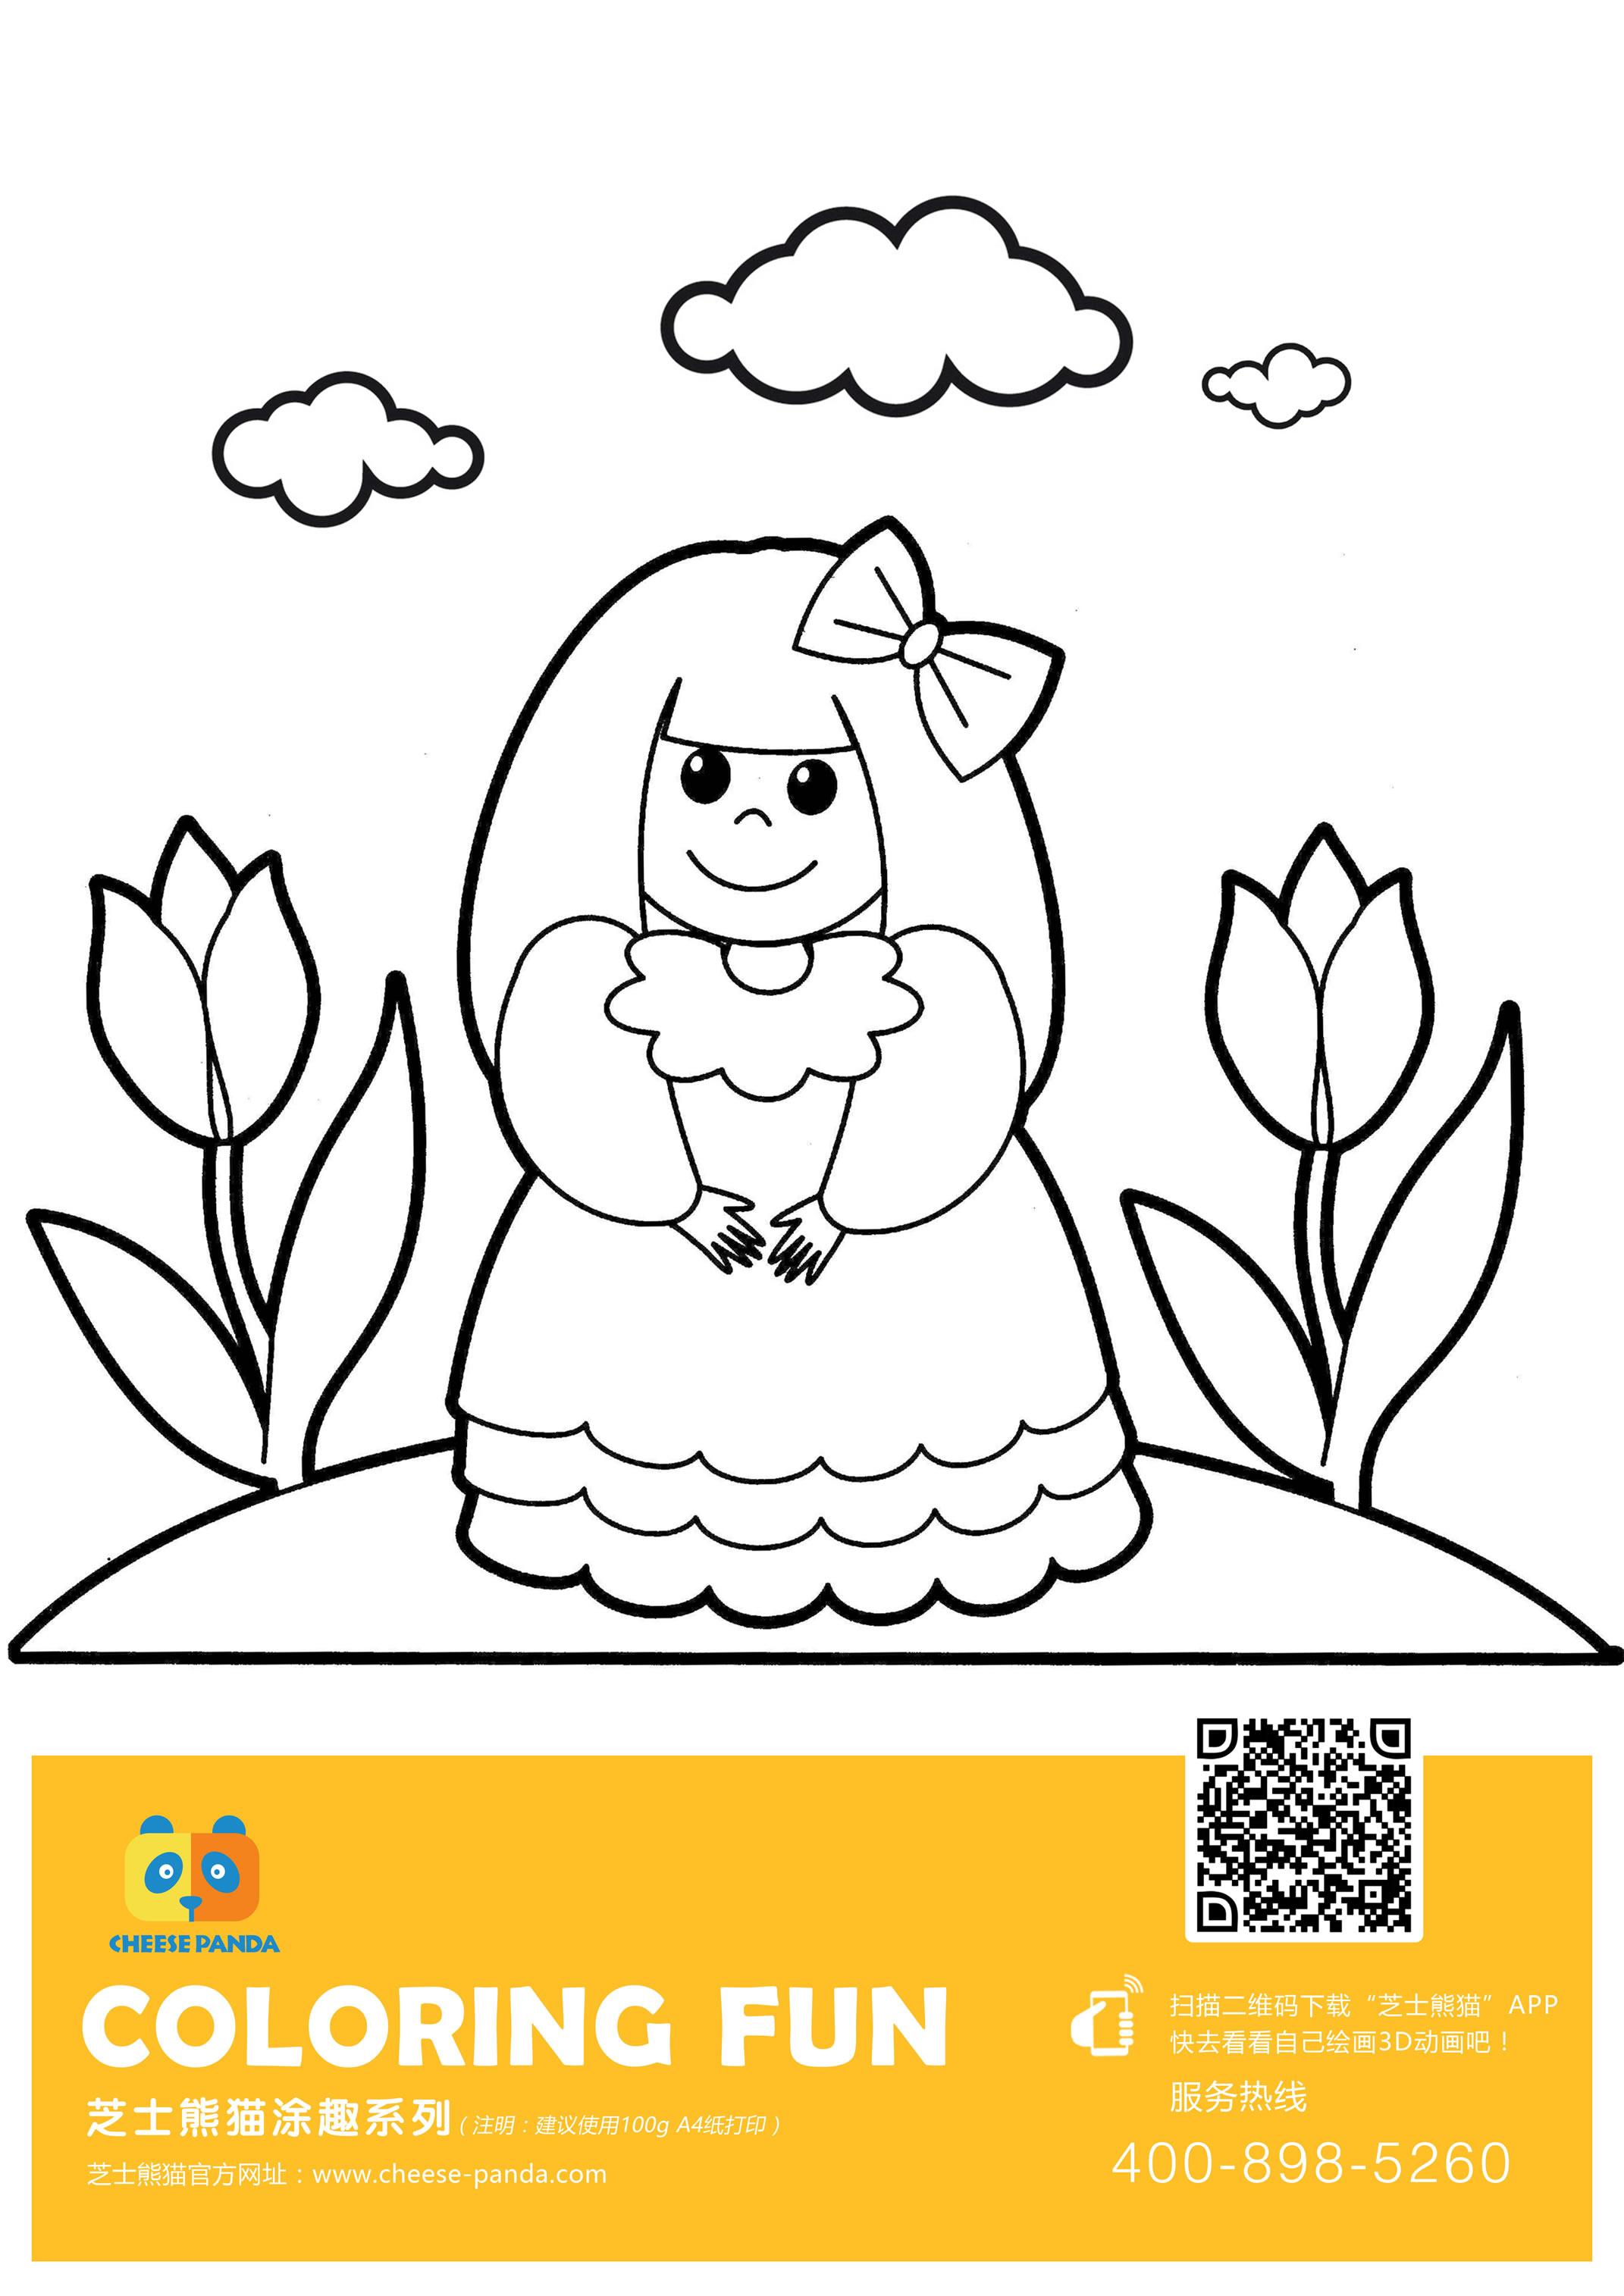 小兔子的简笔画大全-画画图片大全超简单|幼儿简笔画图片带颜色|简笔